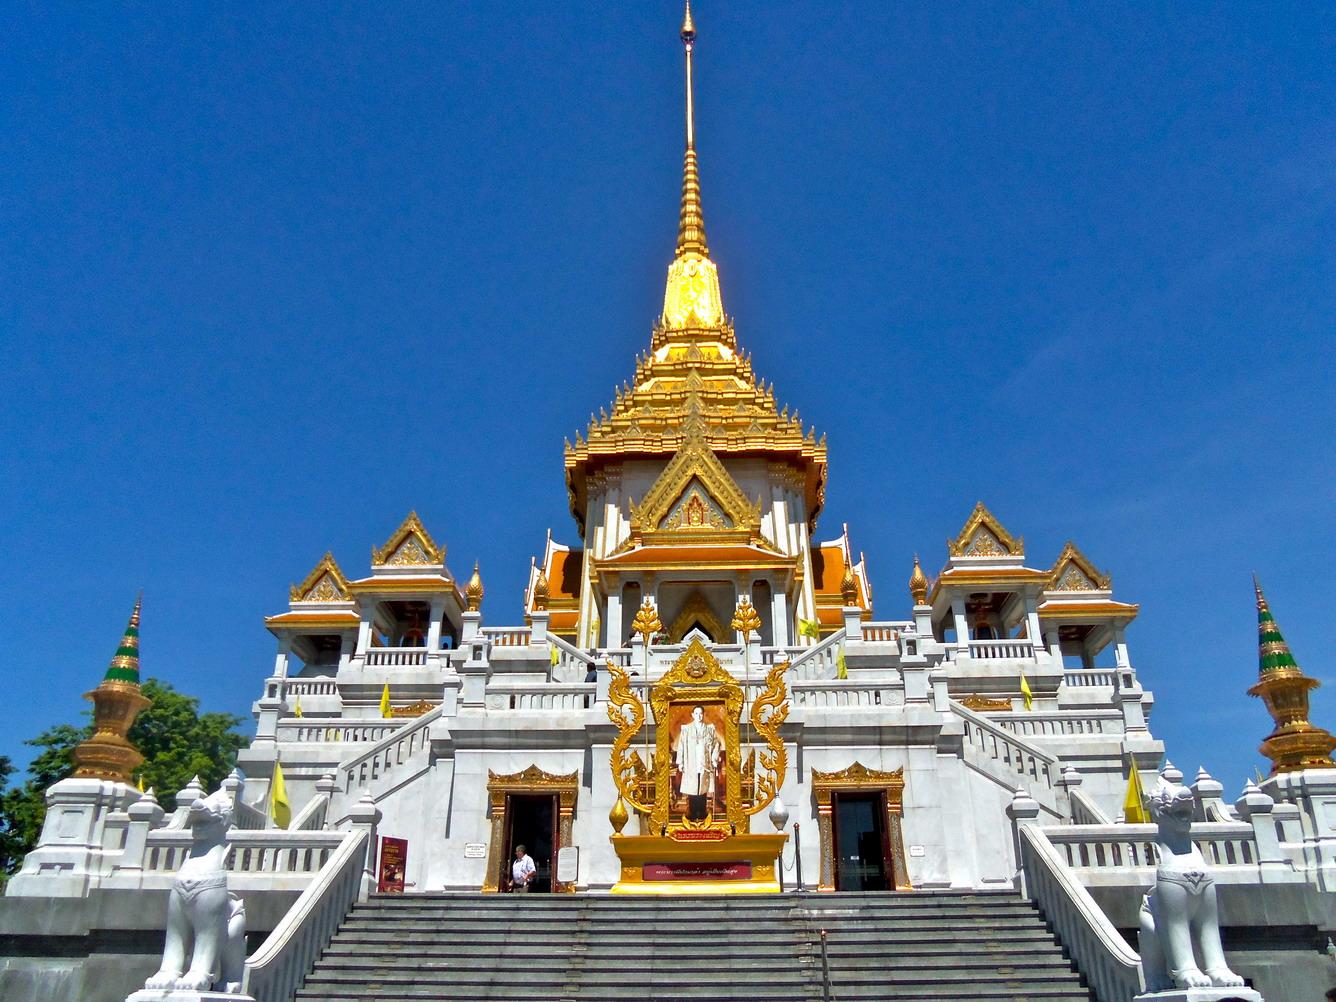 Đường bay thẳng Đà nẵng - Bangkok kết nối Miền Trung với 'Xứ sở nụ cười'